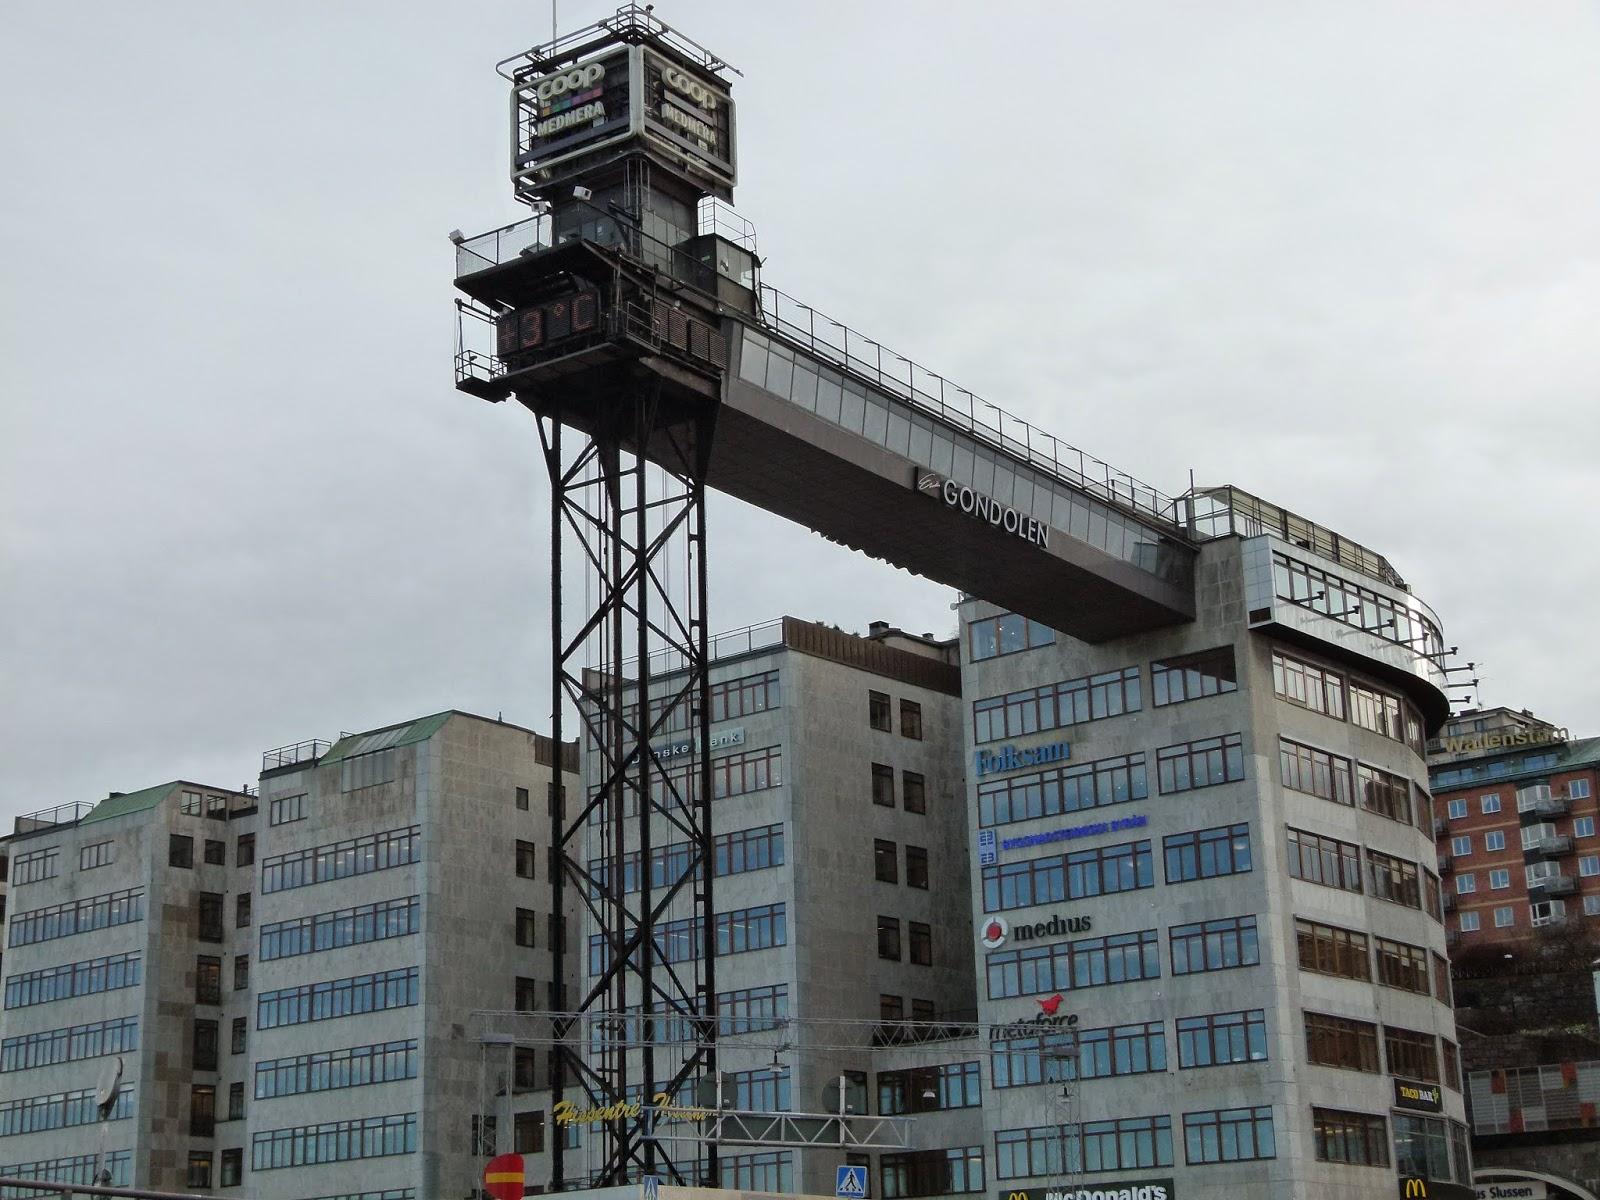 best viewpoints in stockholm katarinahissen slussen